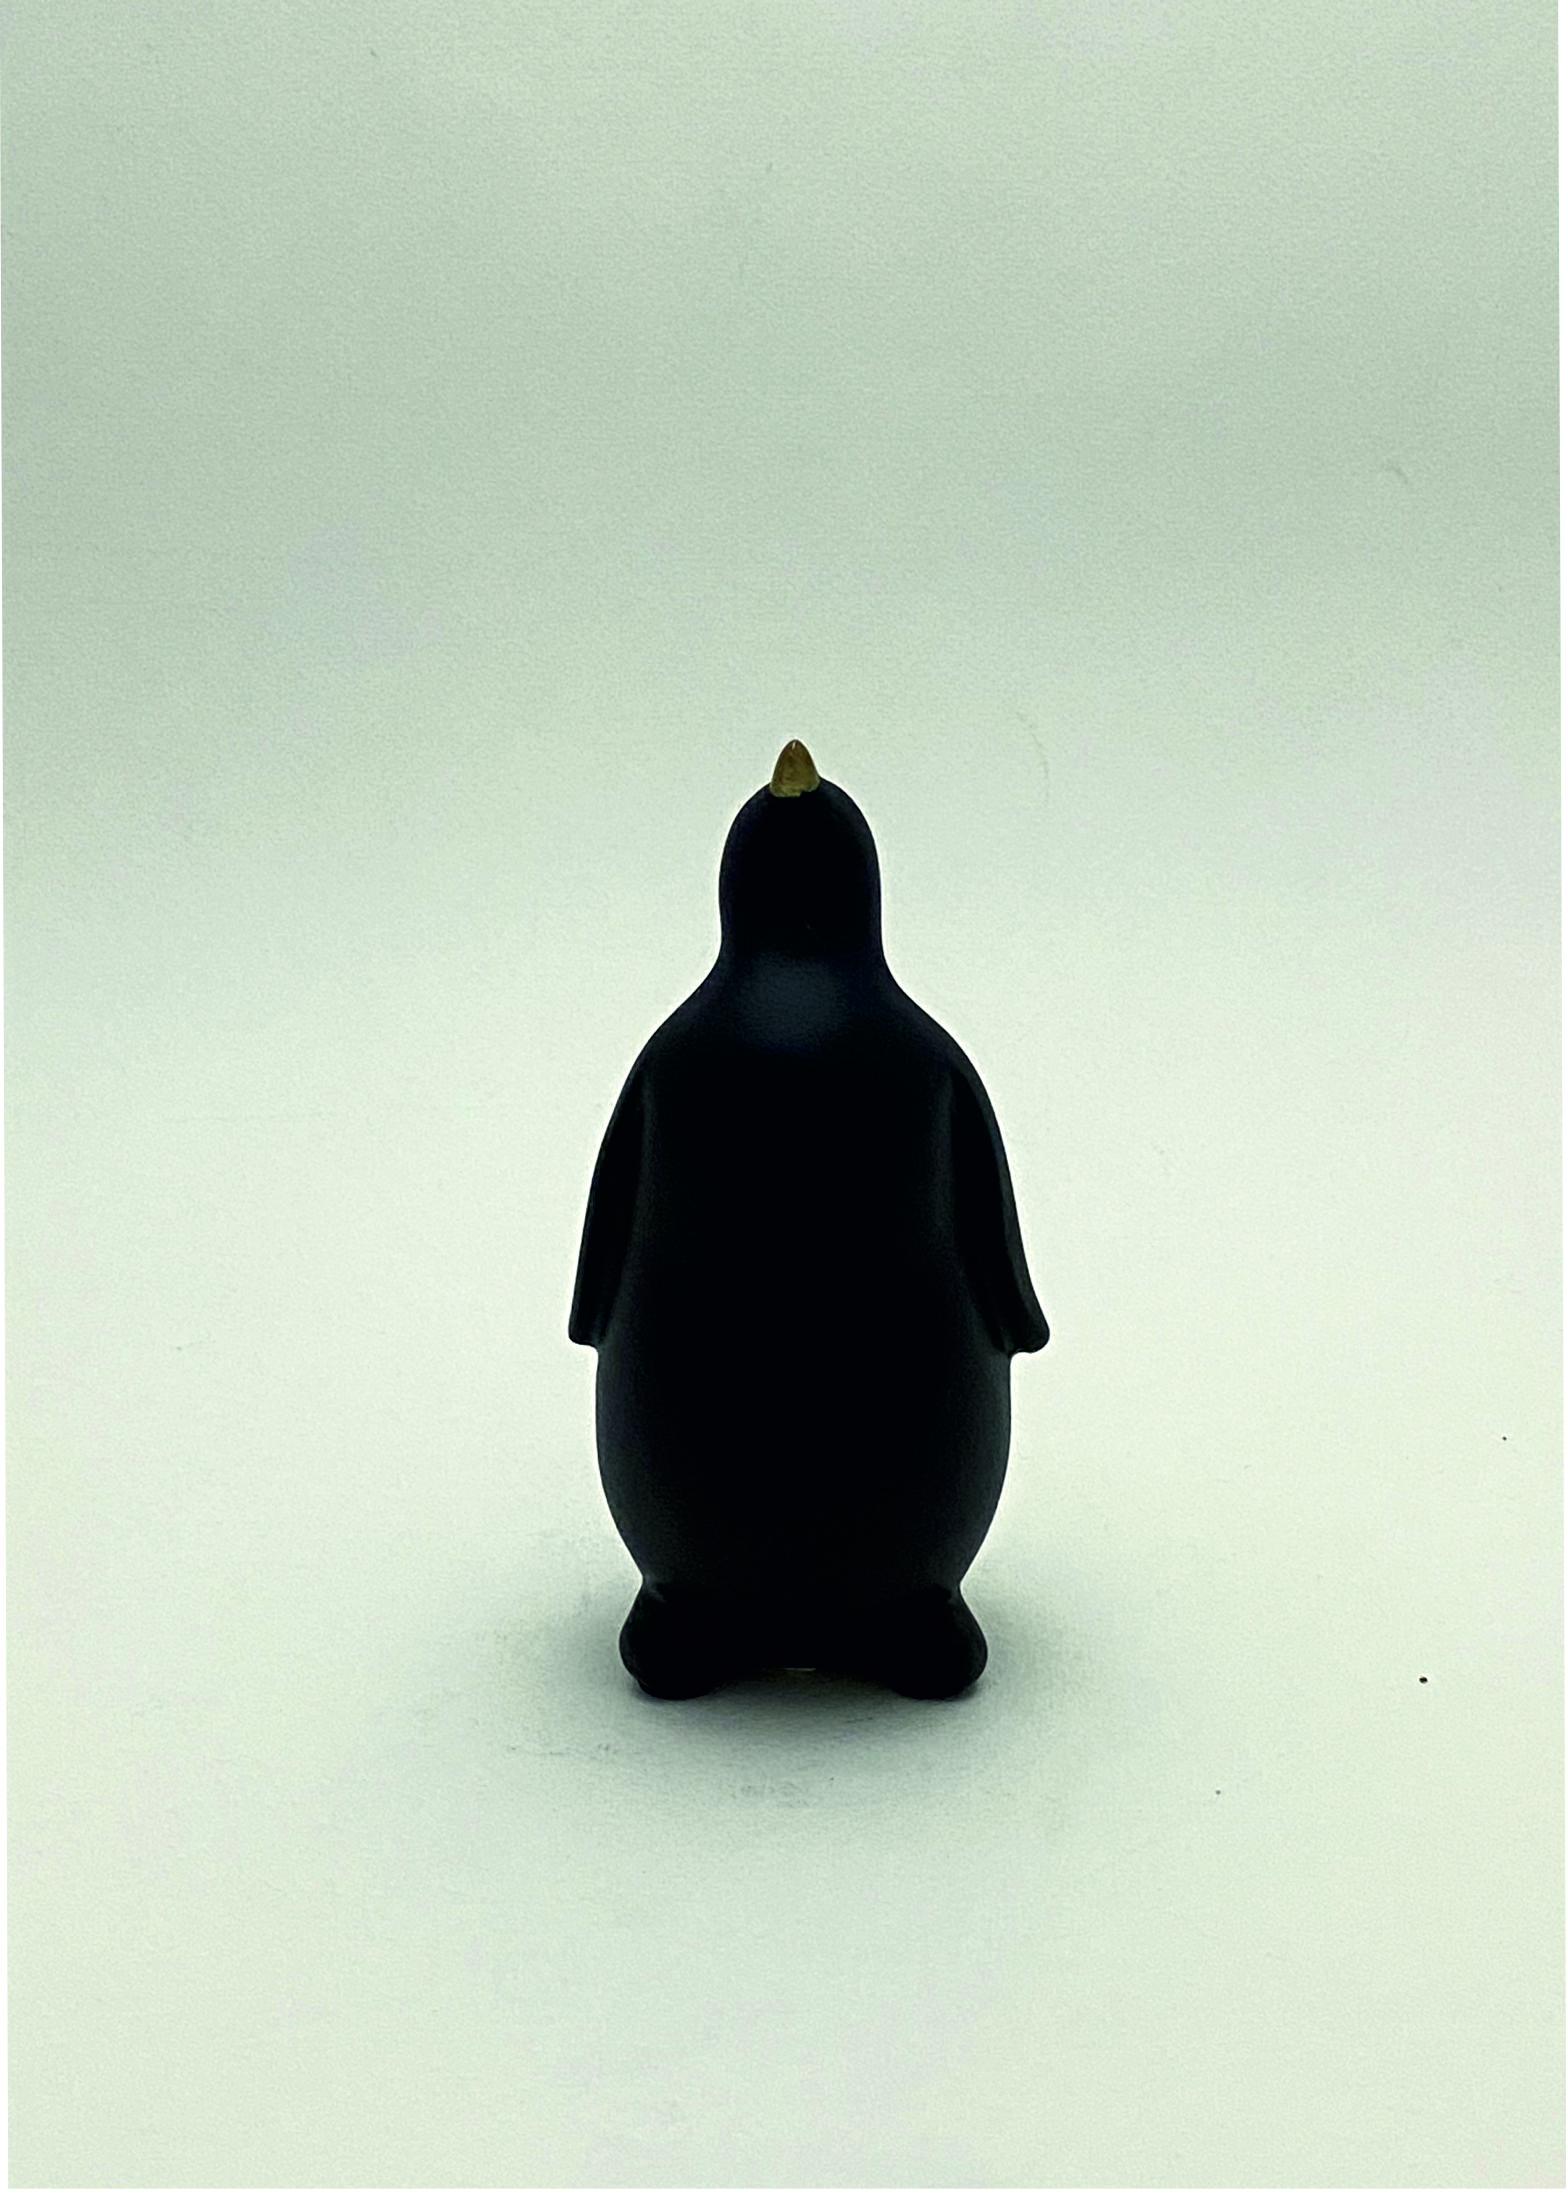 Pinguino_ceramica